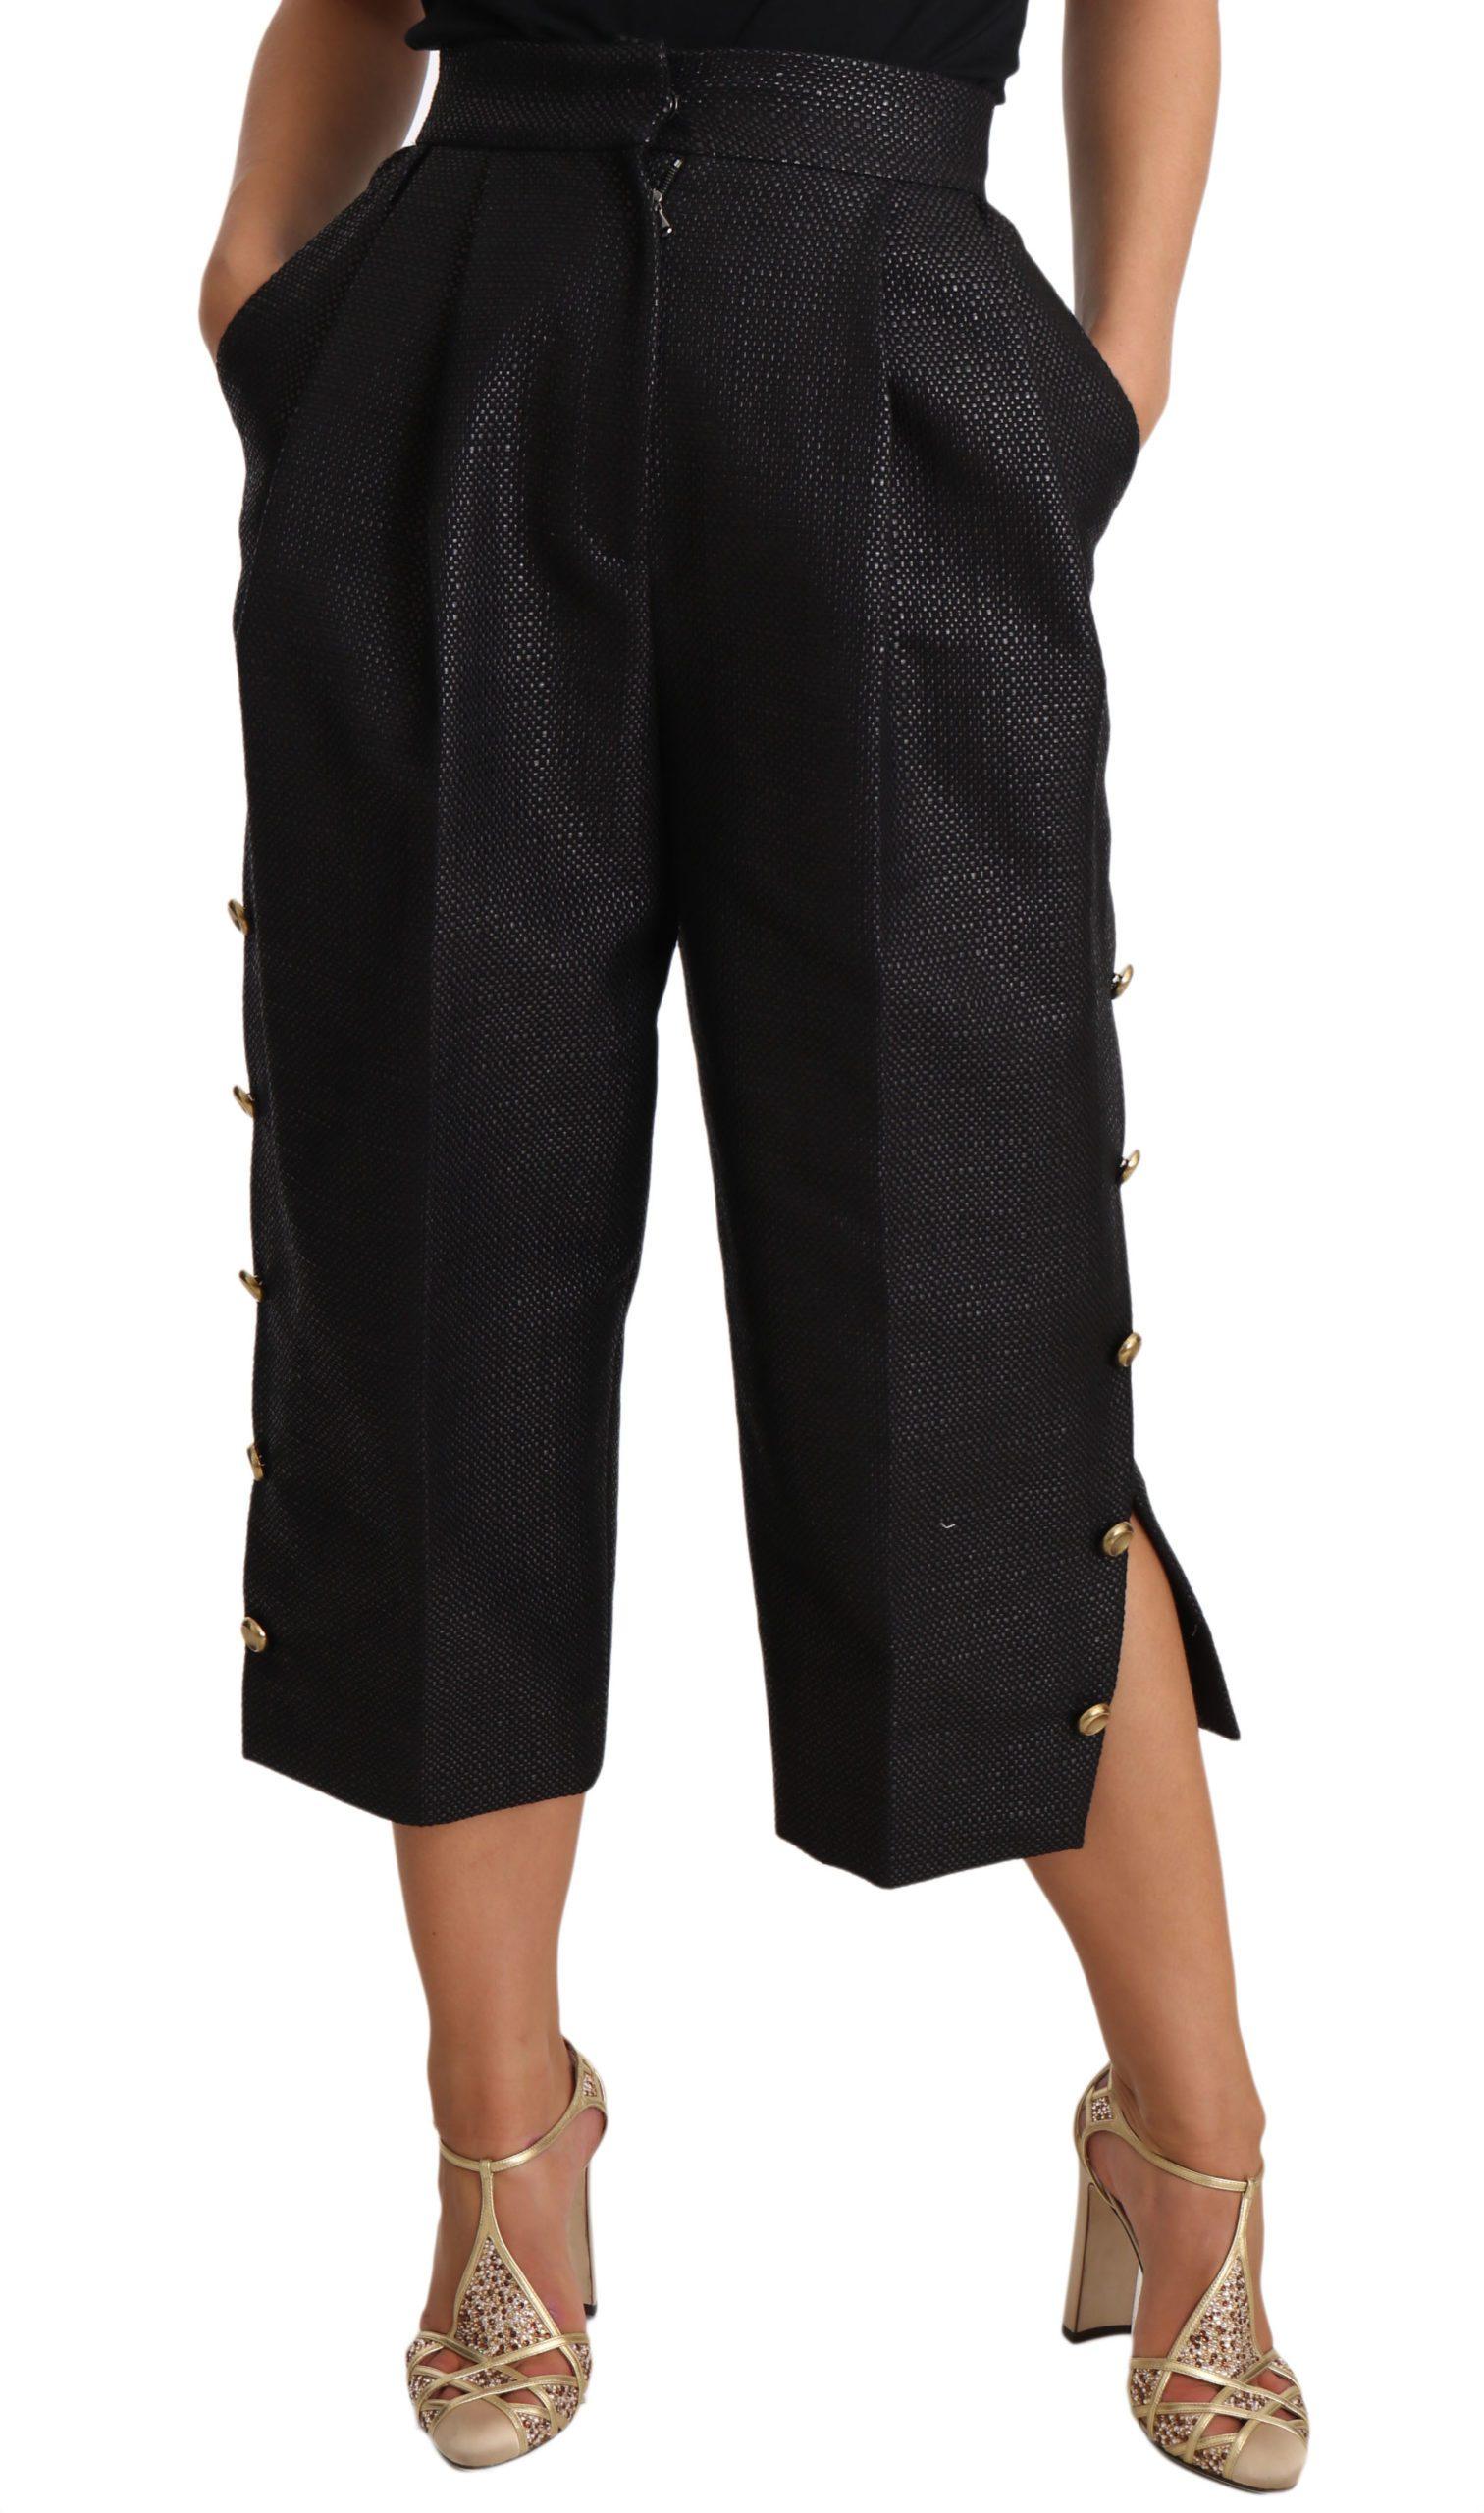 Dolce & Gabbana Women's Trouser Black PAN70074 - IT38|XS